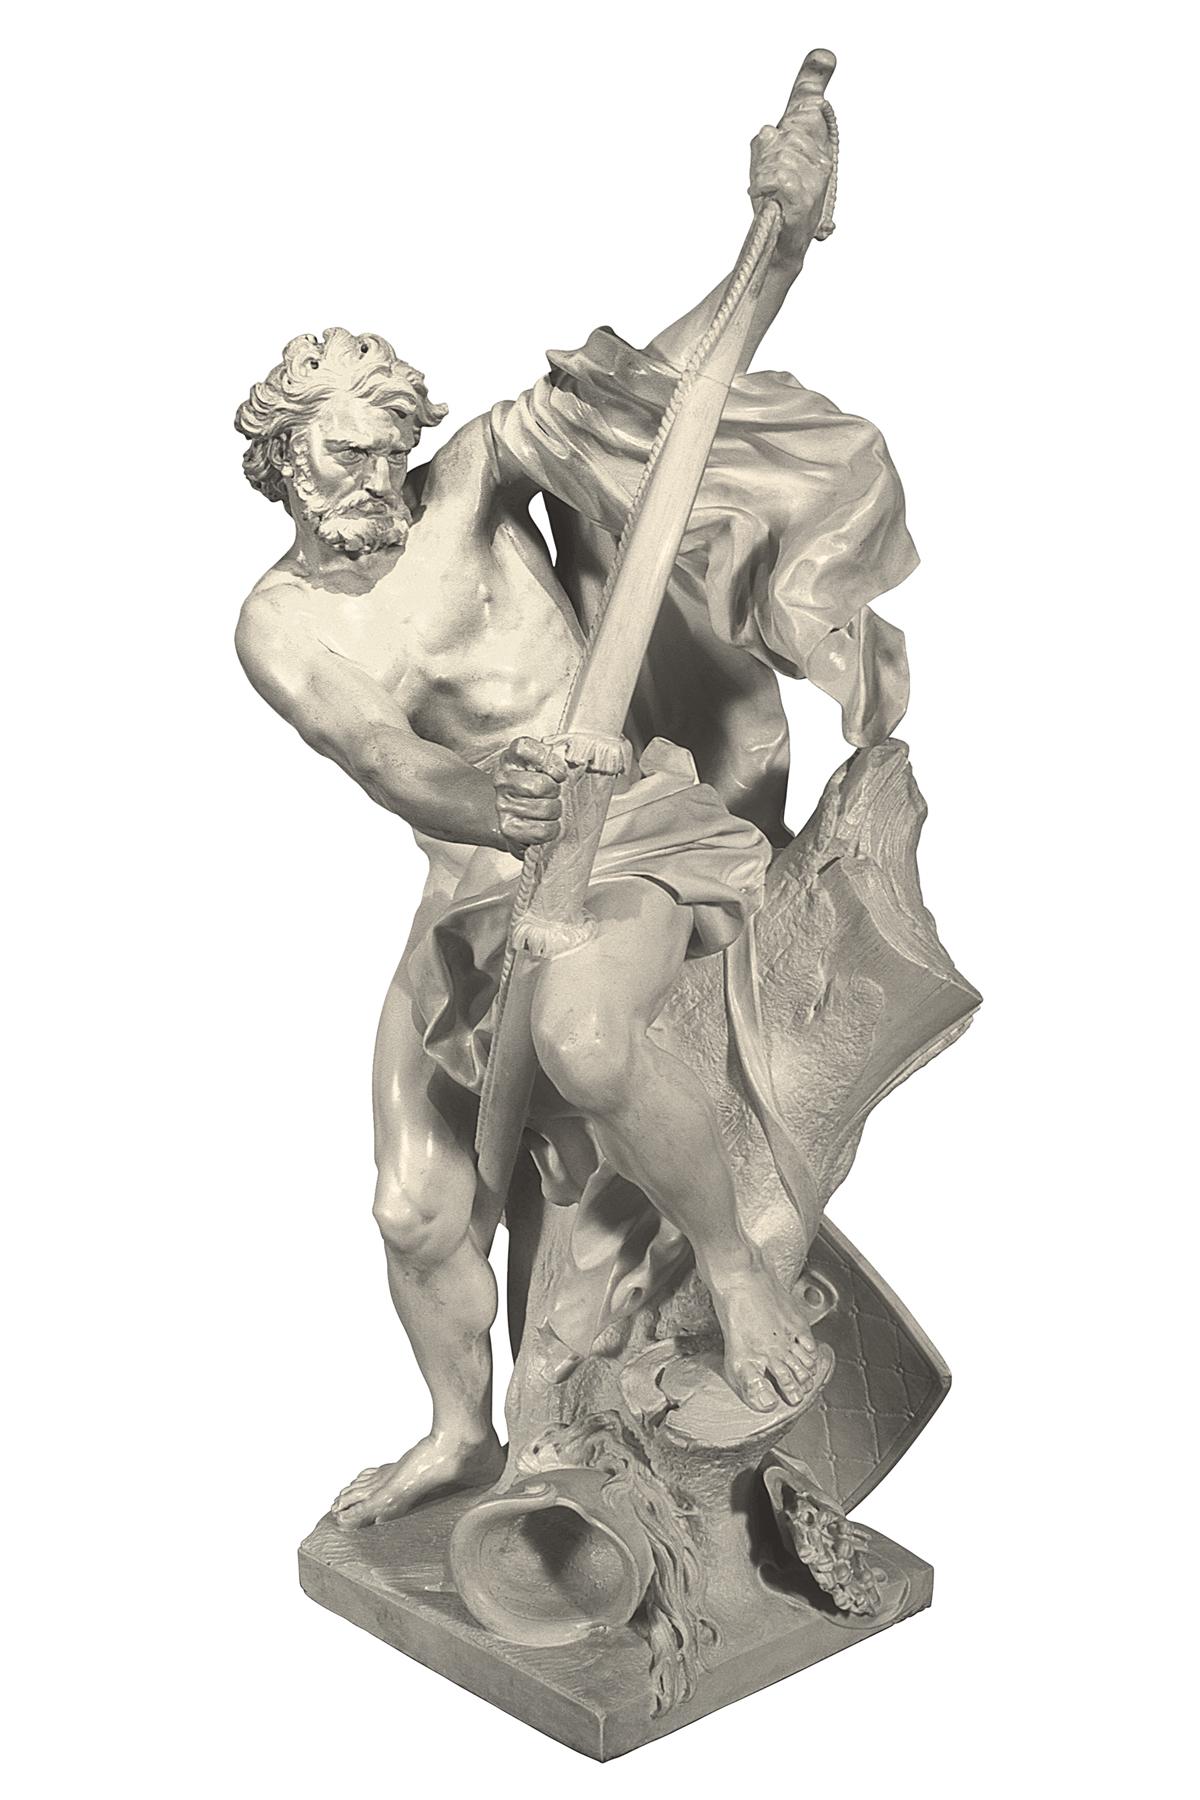 Soldato che tende l'arco (copia in gesso)